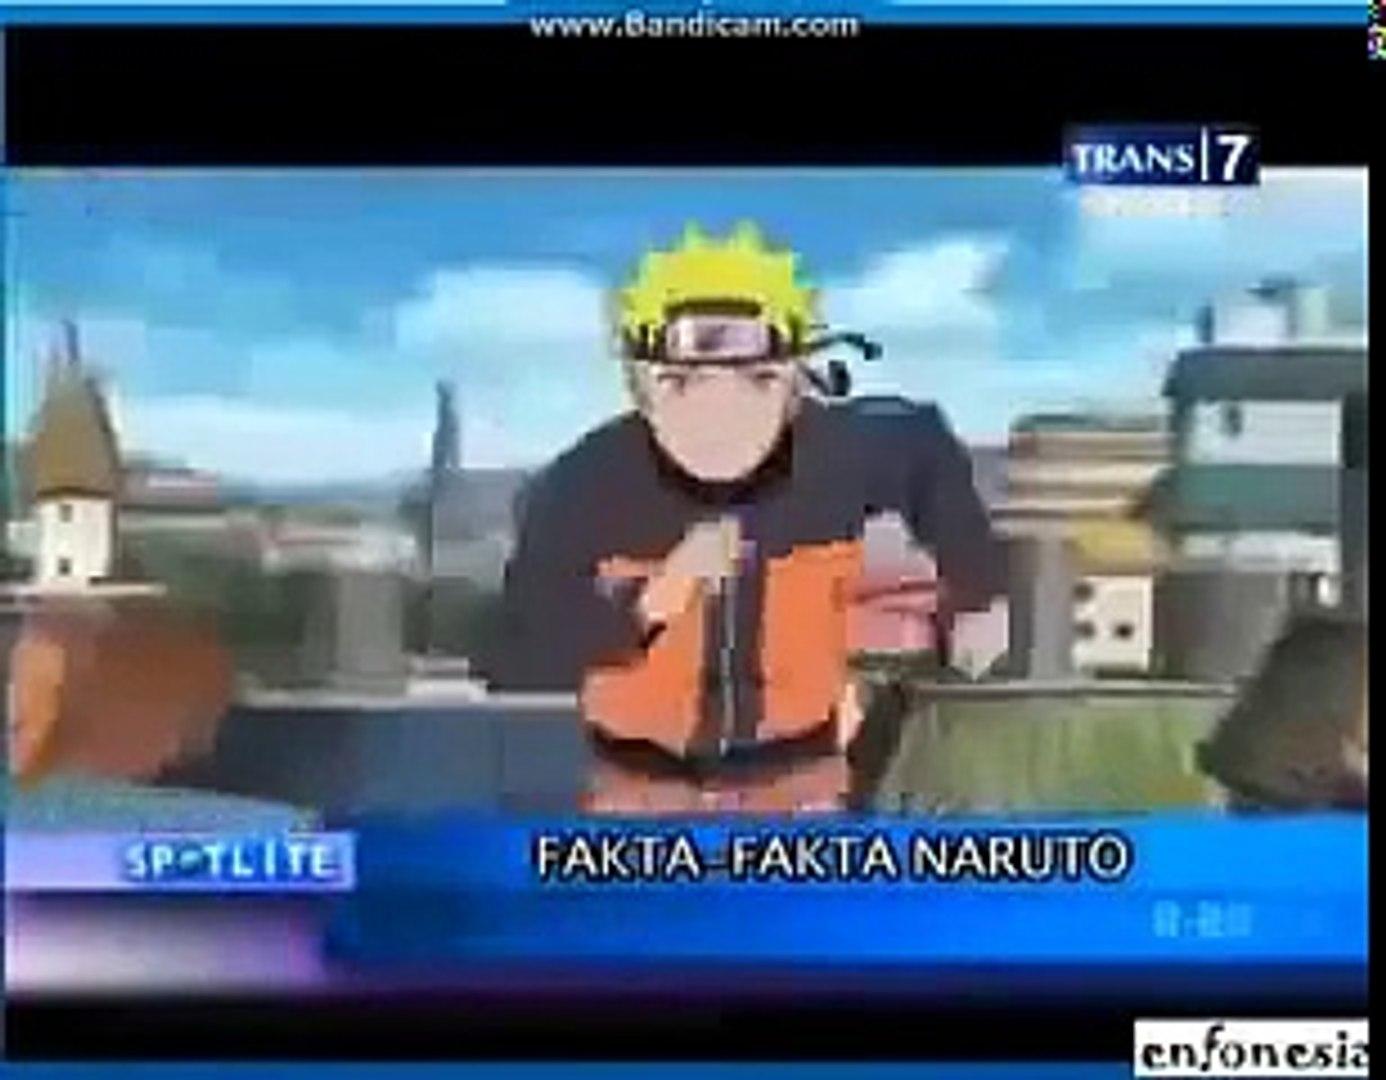 MENGEJUTKAN Misteri Aneh Anime Naruto Dengan Dunia Nyata Japan